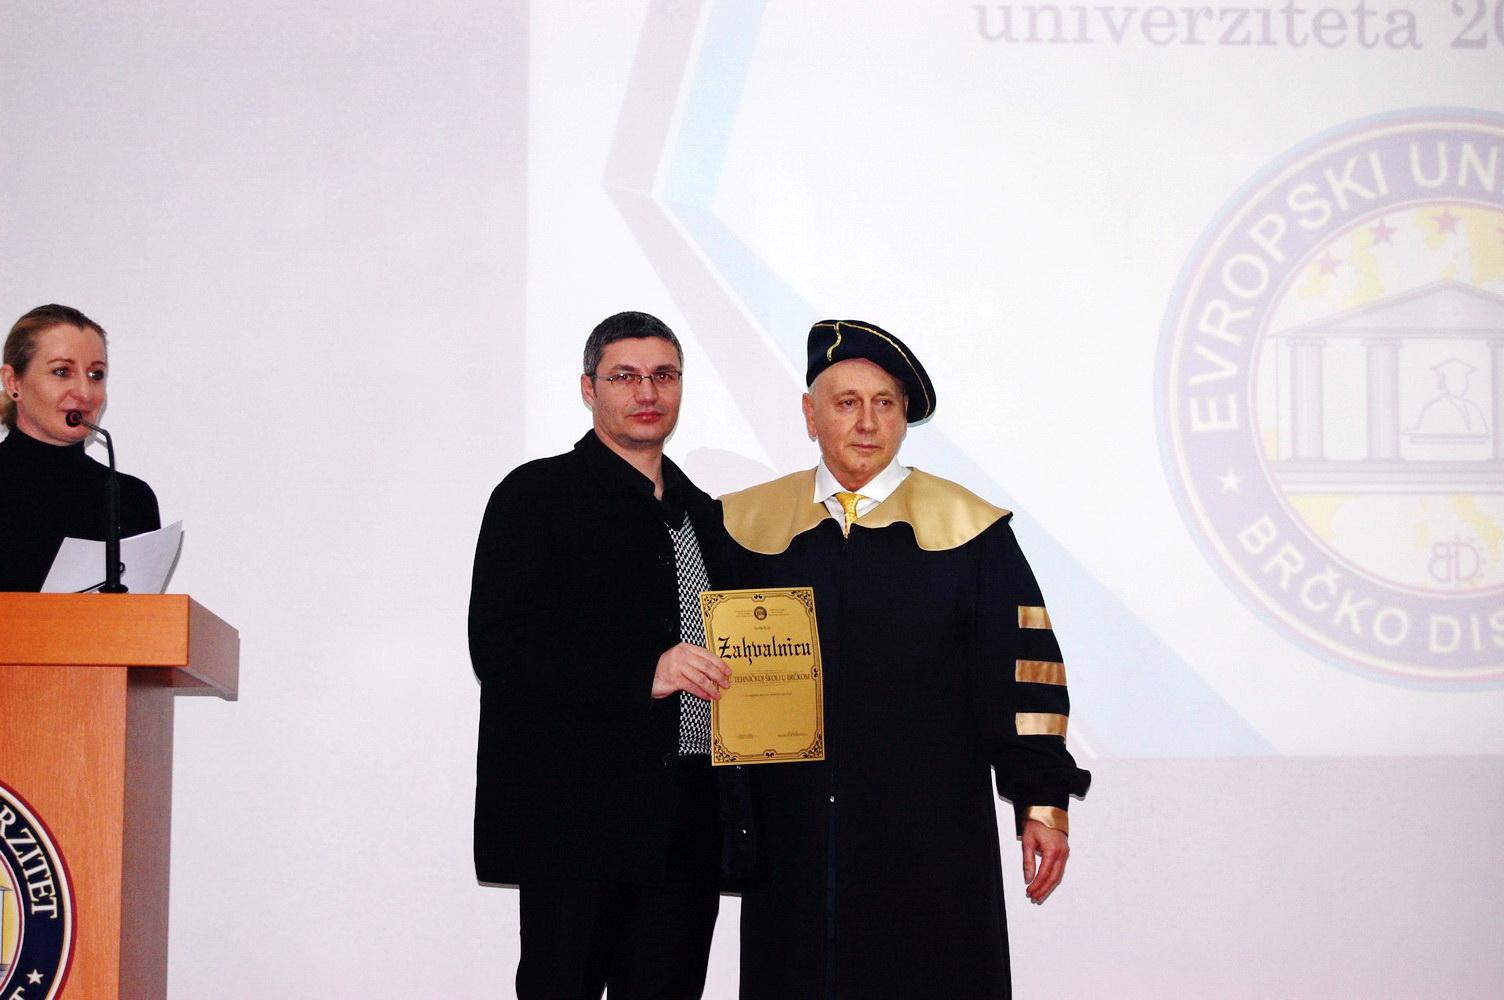 Dan Univerziteta 2020 51